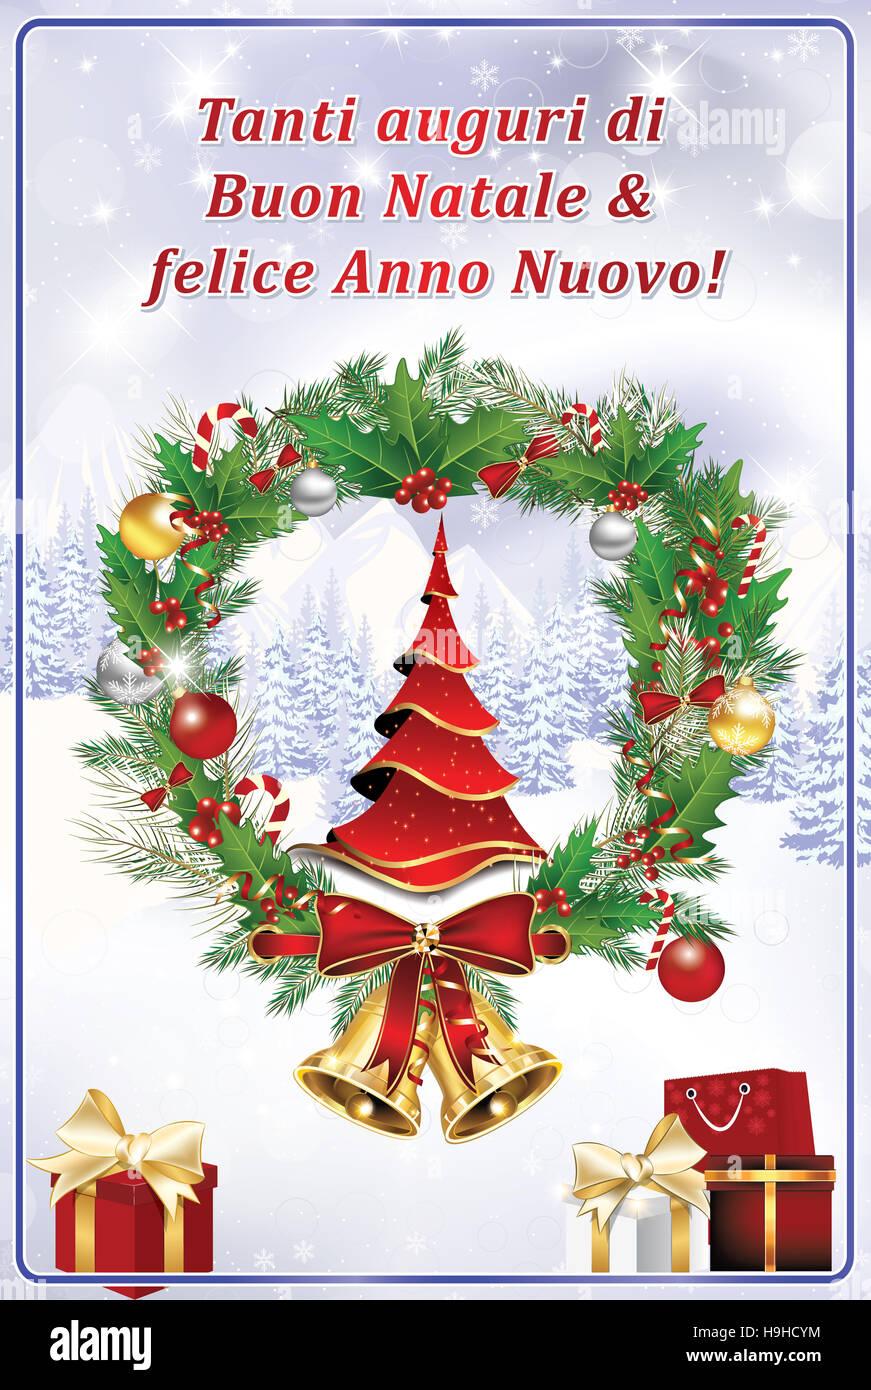 abbastanza Tanti auguri di Buon Natale & felice Anno Nuovo! - Biglietto Stock  KP66